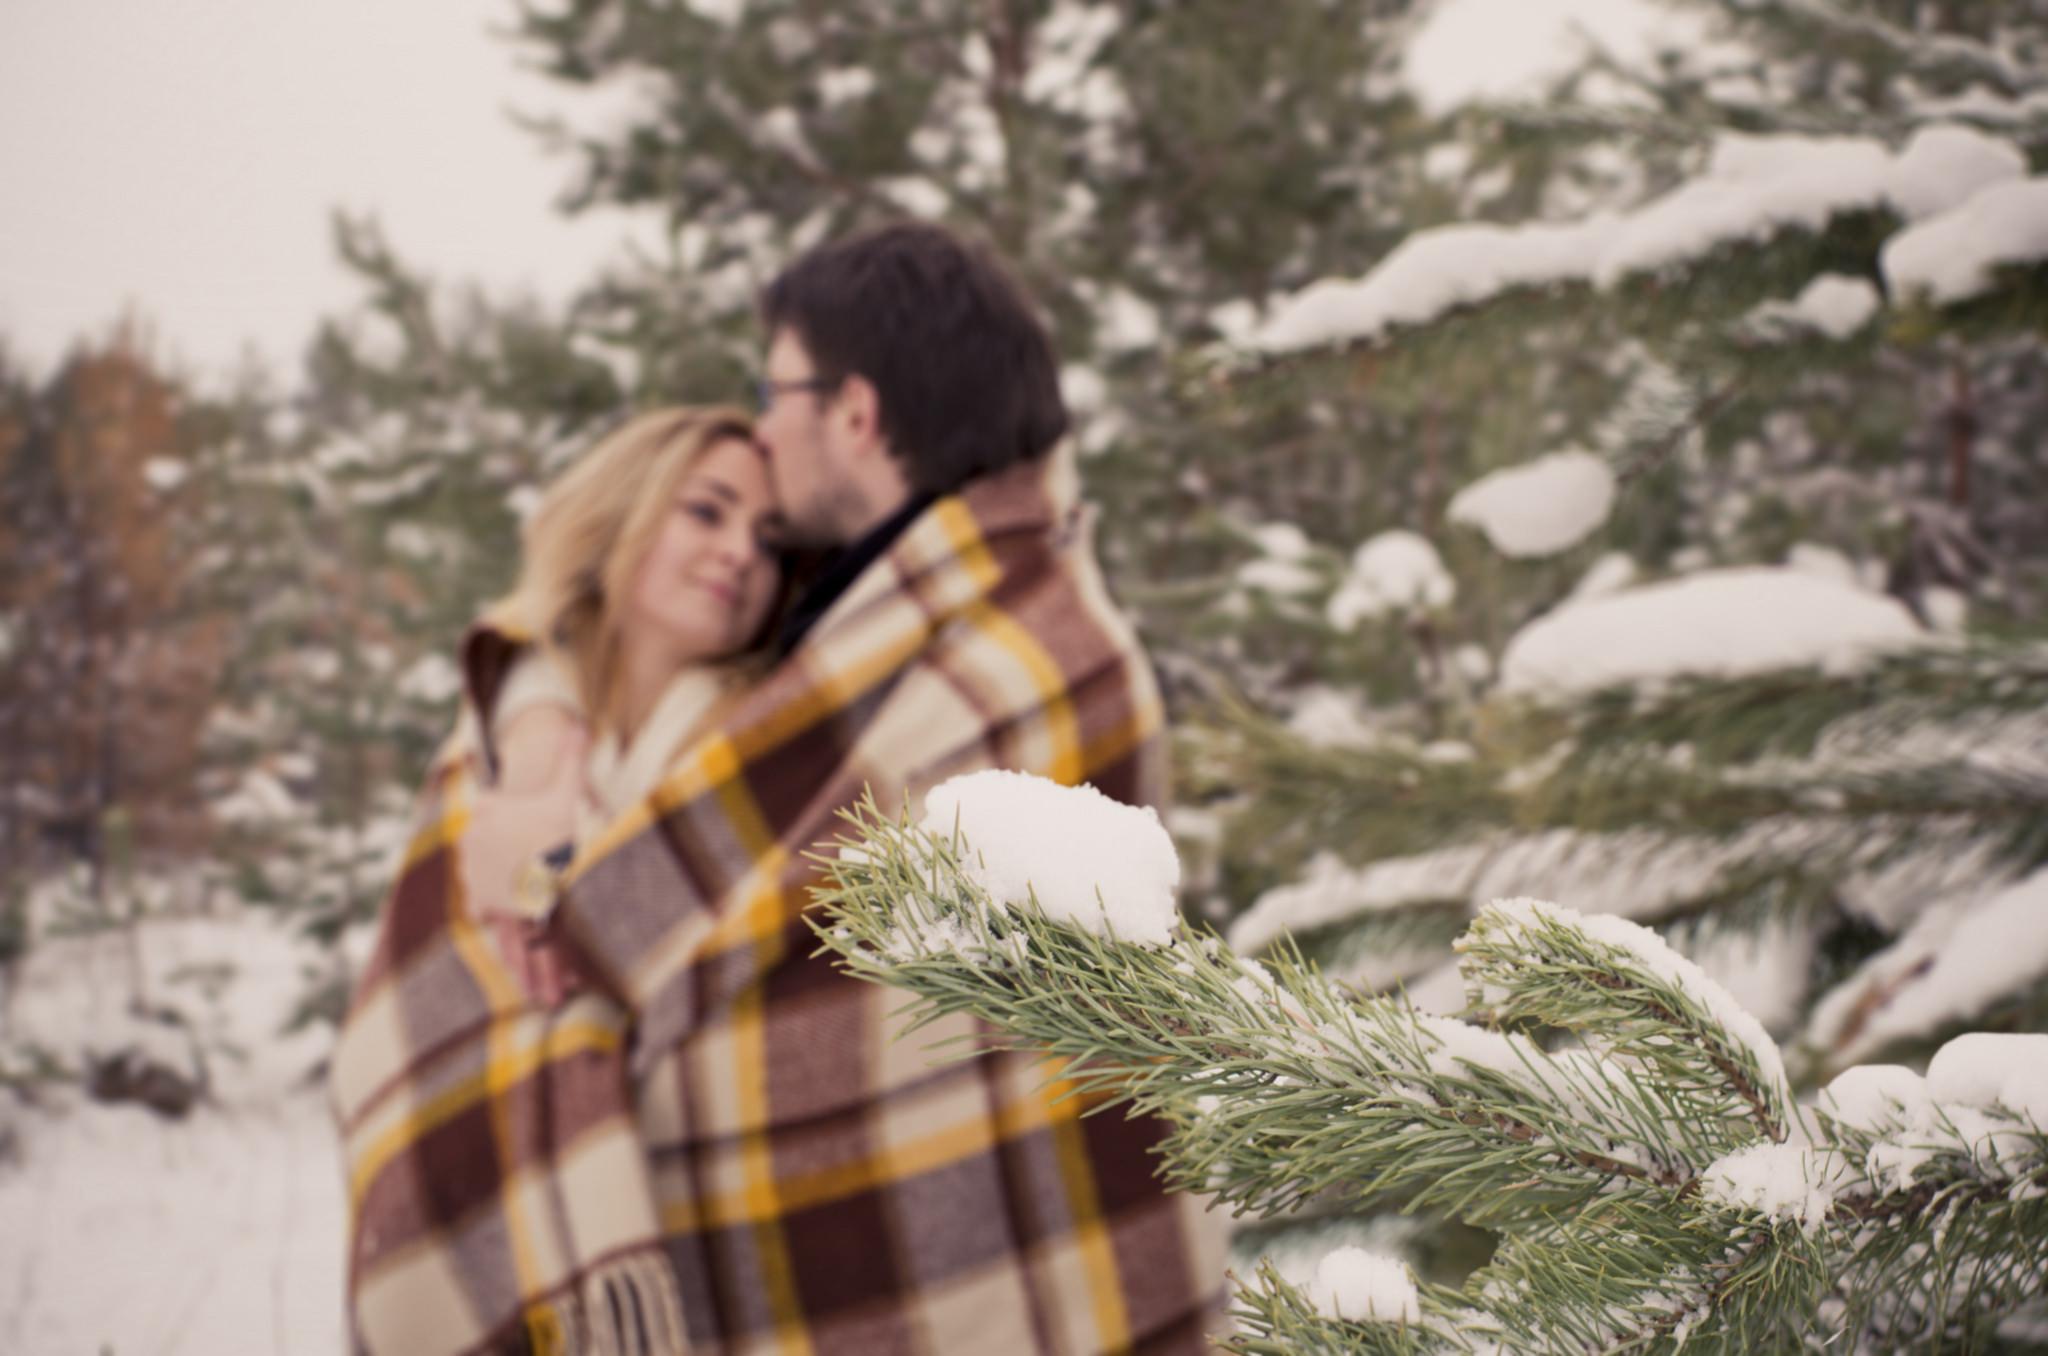 Se préparer à ce merveilleux acte qu'est le mariage – Partie 2